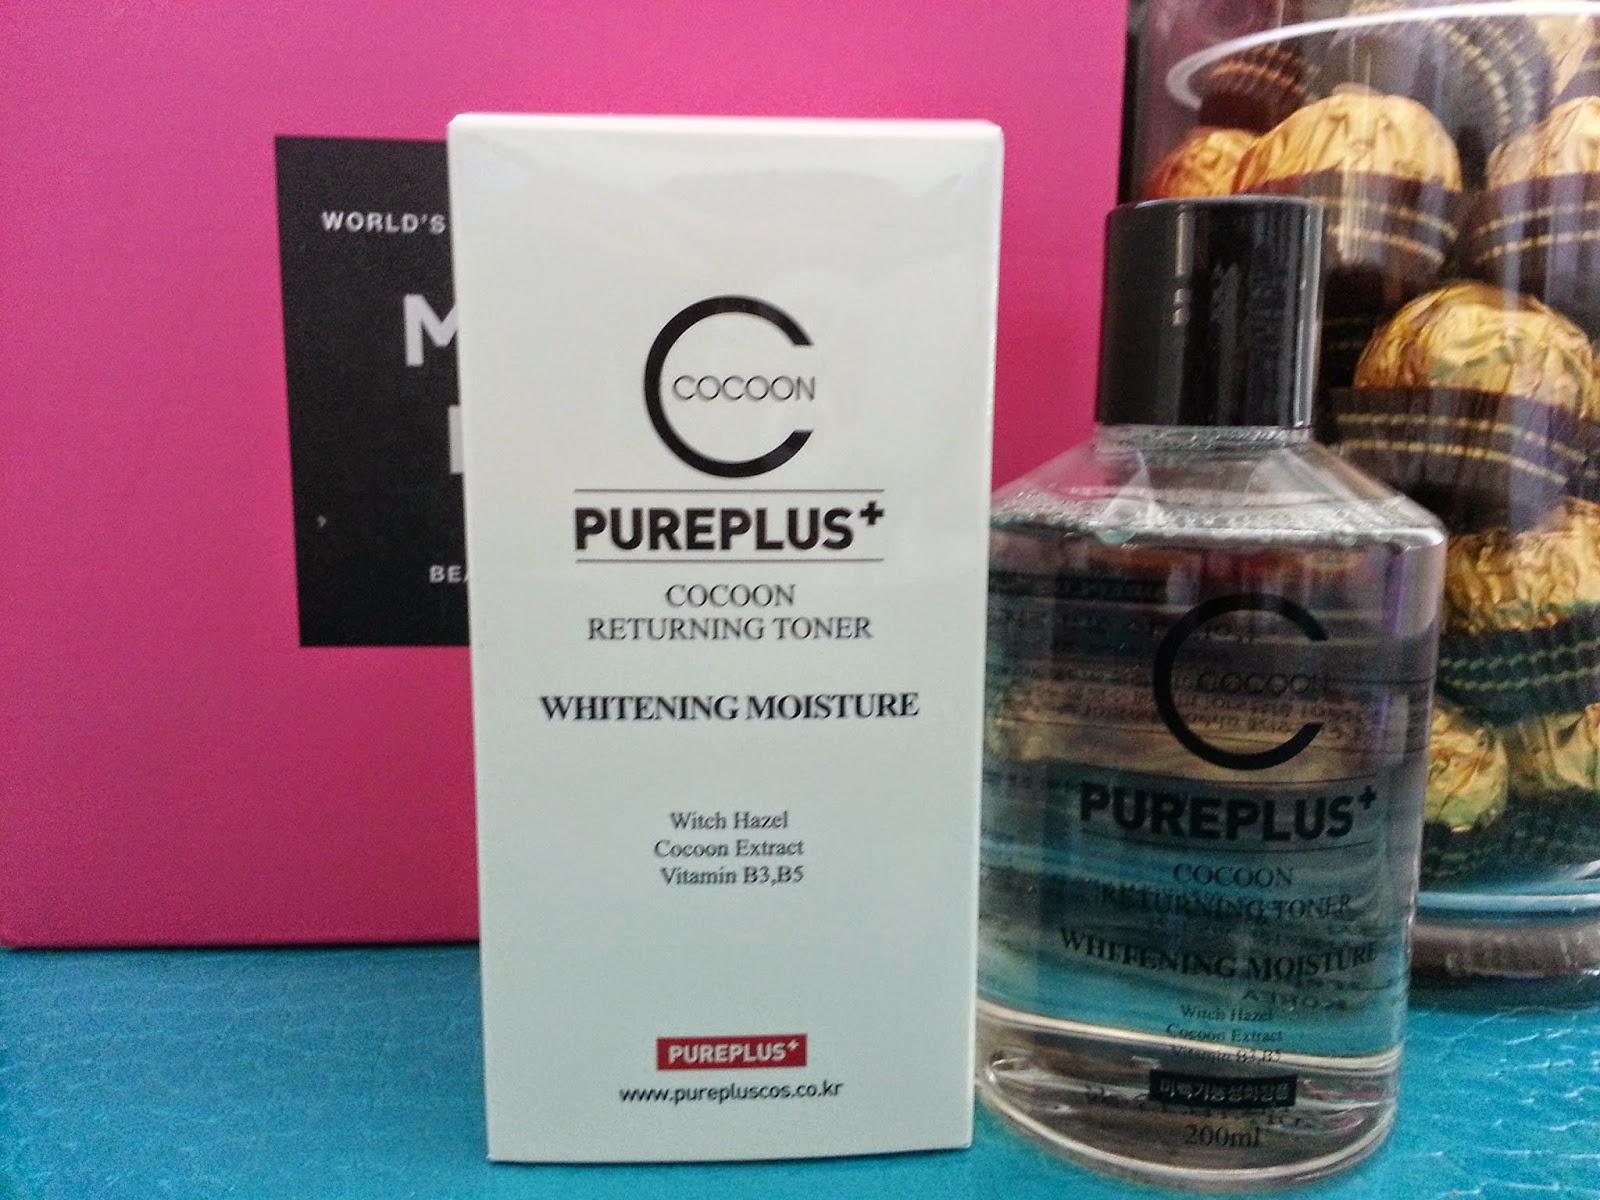 Pureplus+ Cocoon Returning Toner